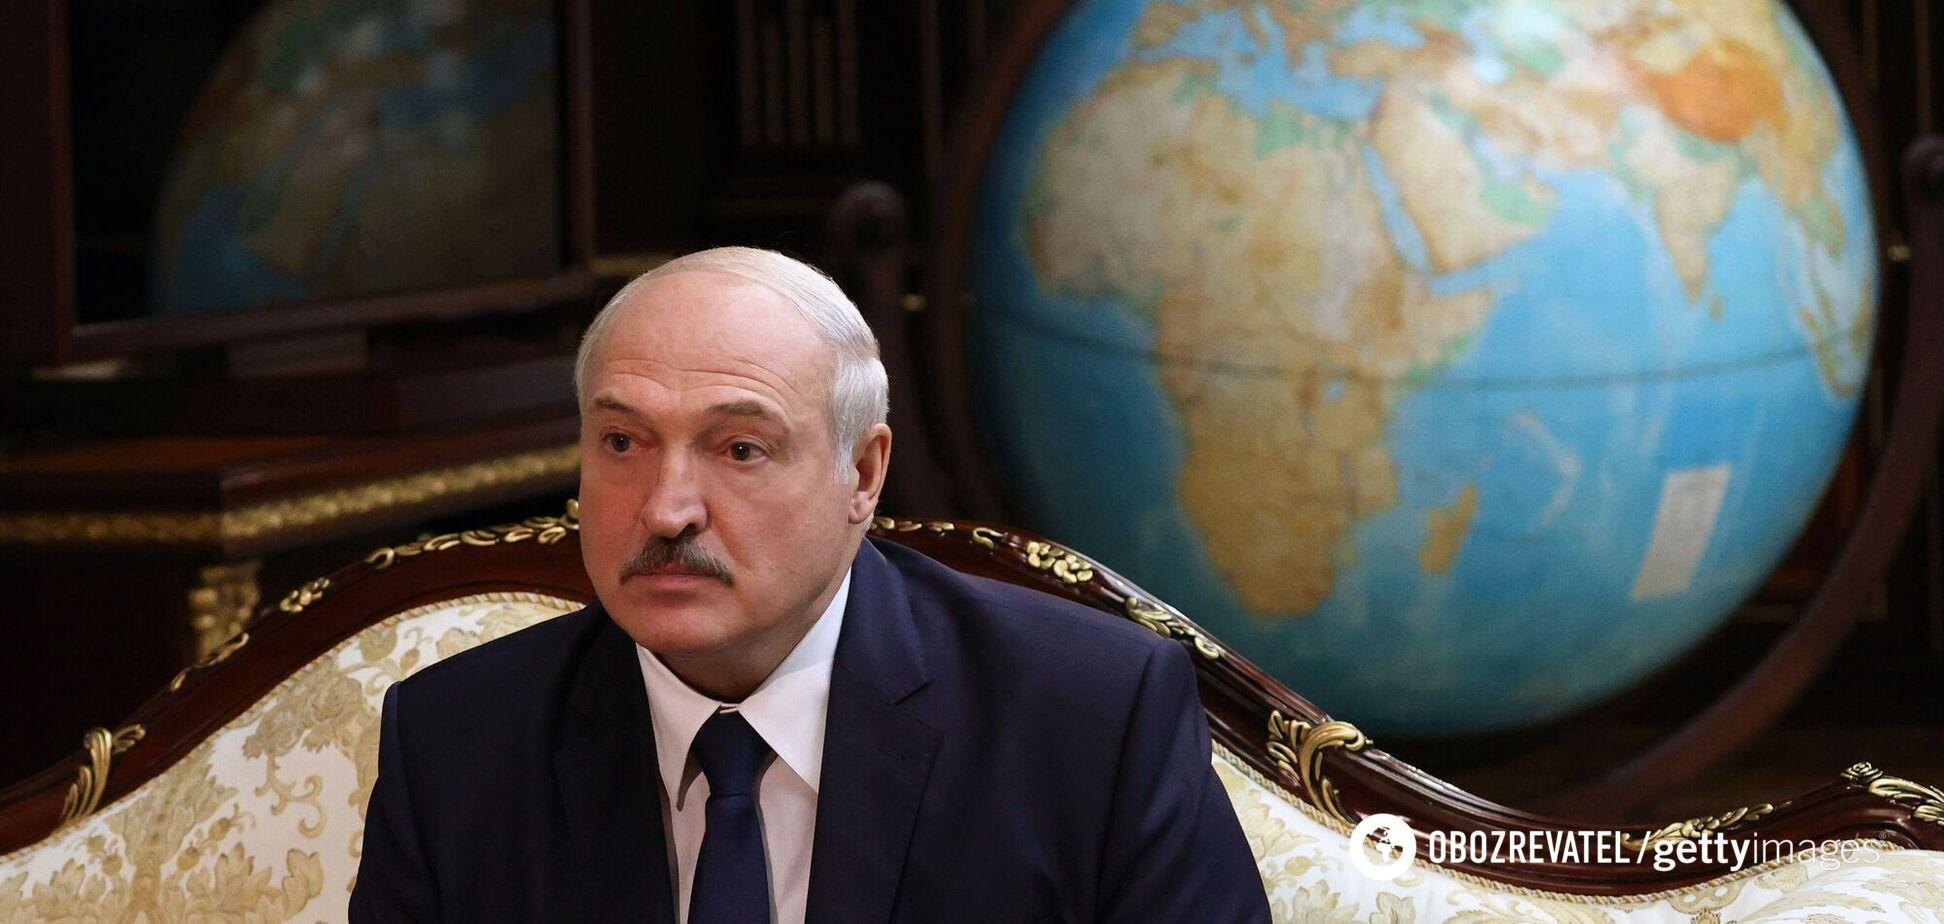 Лукашенко заявив про закриття кордонів з Польщею і Литвою, але пункти пропуску продовжують працювати